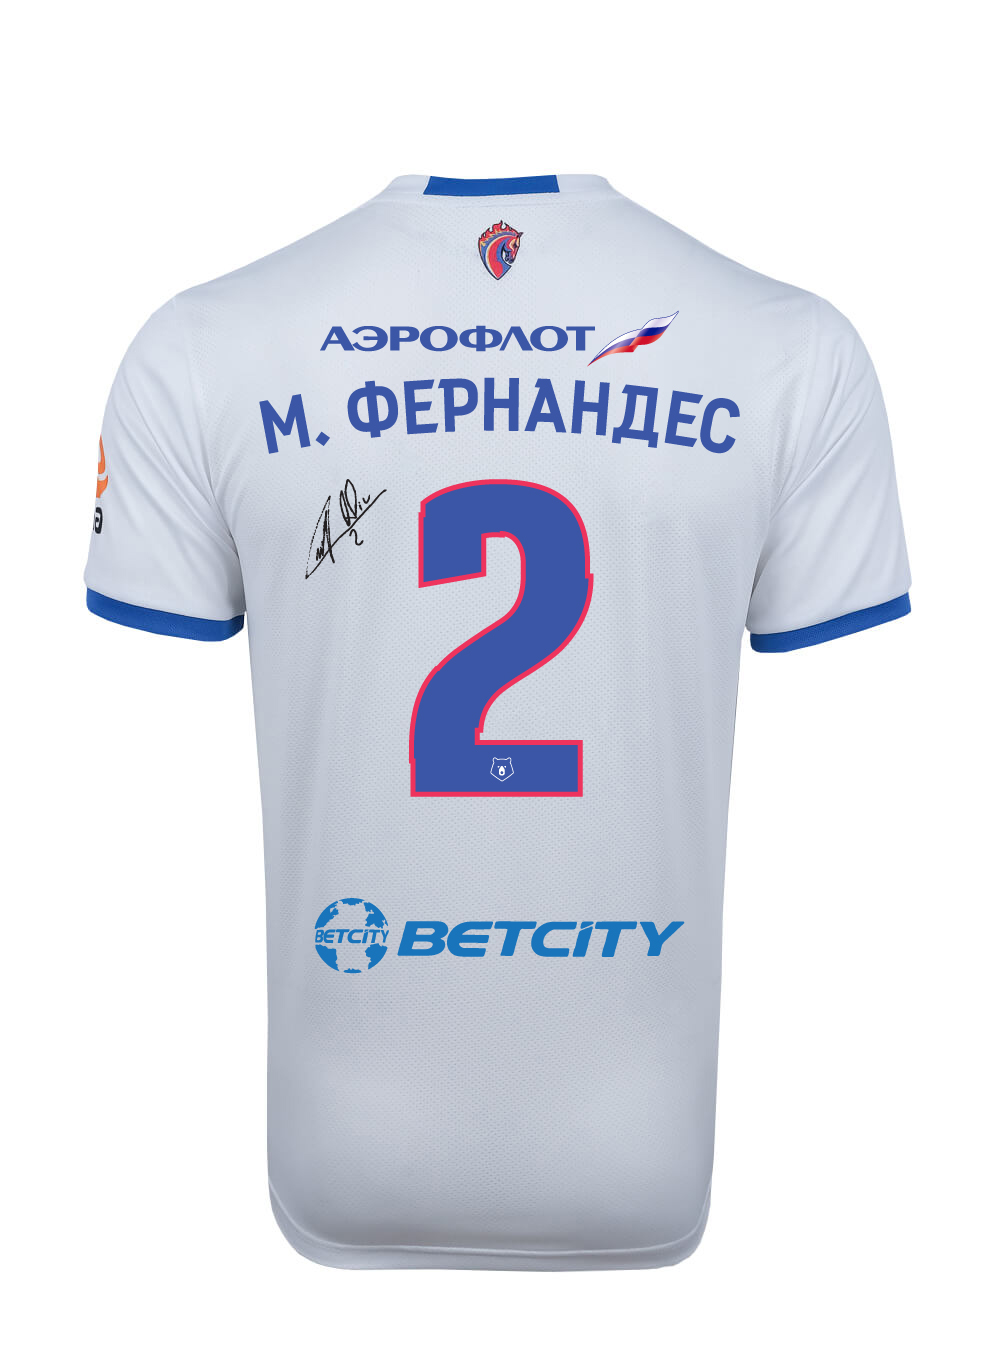 Футболка выездная 2019/2020 с автографом М.ФЕРНАНДЕСА (XL) фото